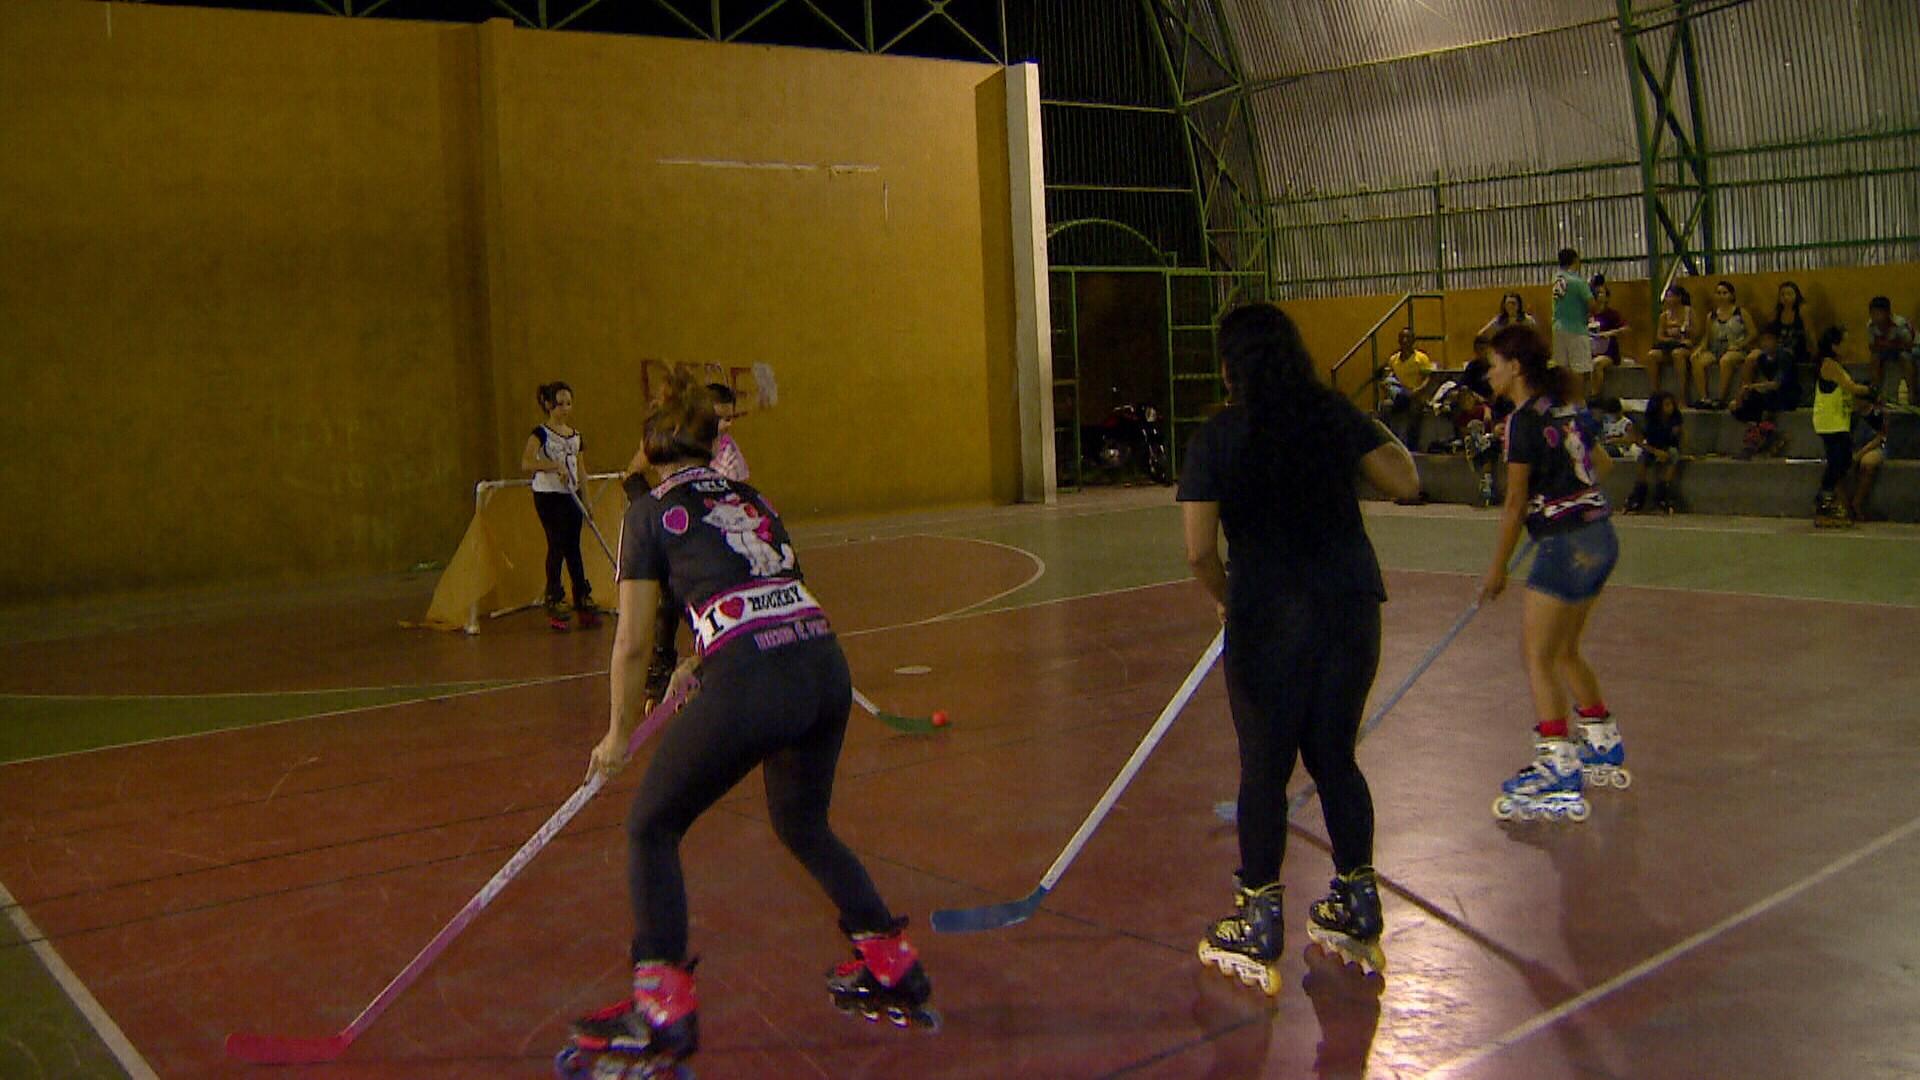 Confira a turma que pratica Hockey, esporte do gêlo, em Manaus (Foto: Amazônia Revista)